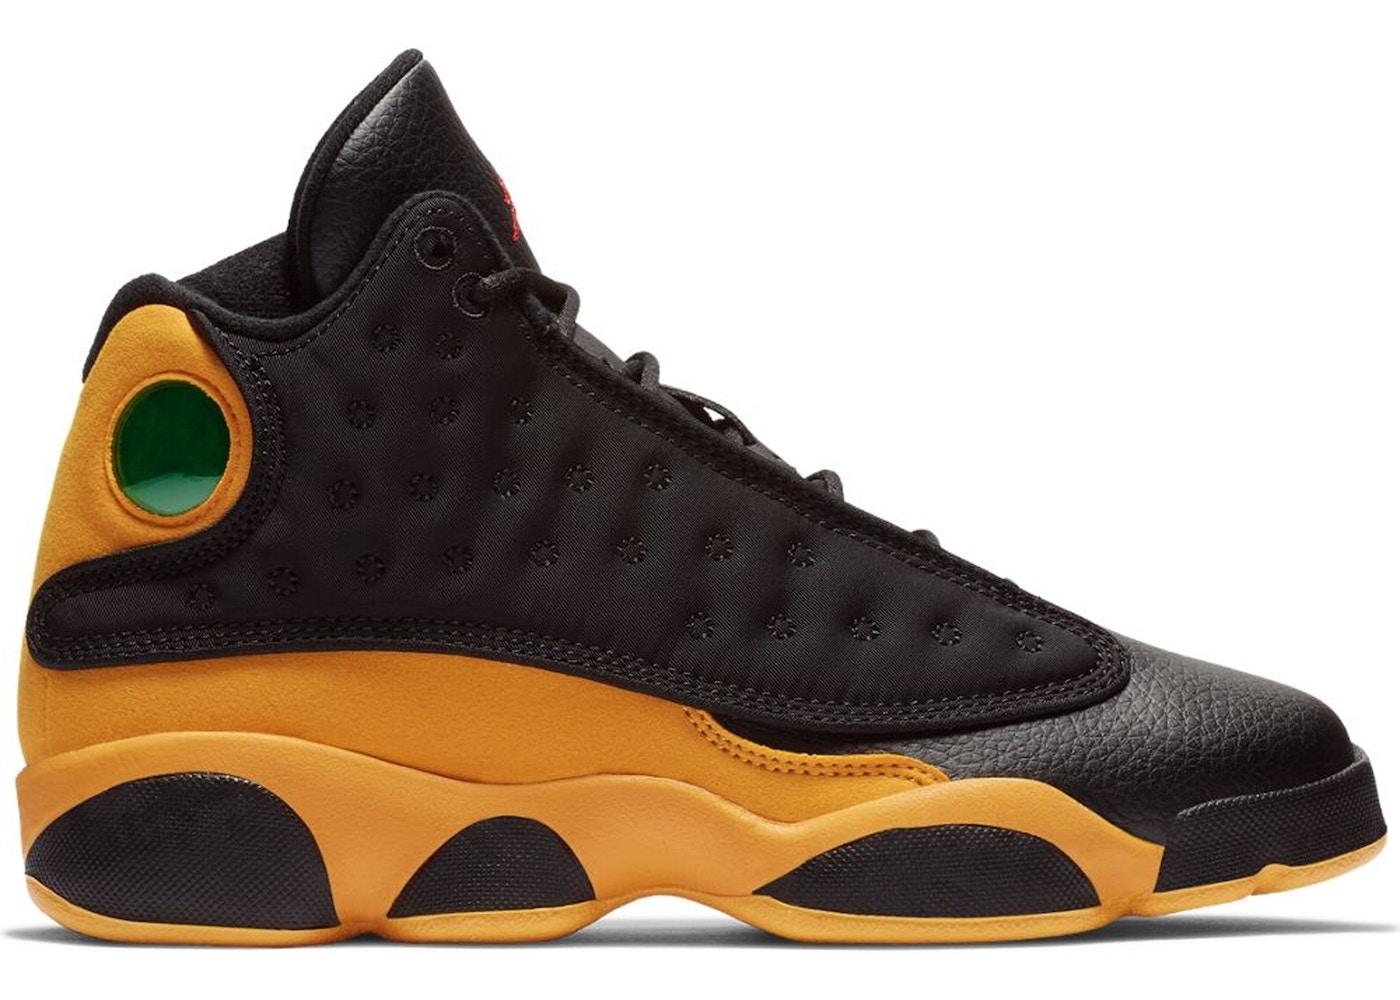 89d2eee978398 Buy Air Jordan 13 Shoes   Deadstock Sneakers